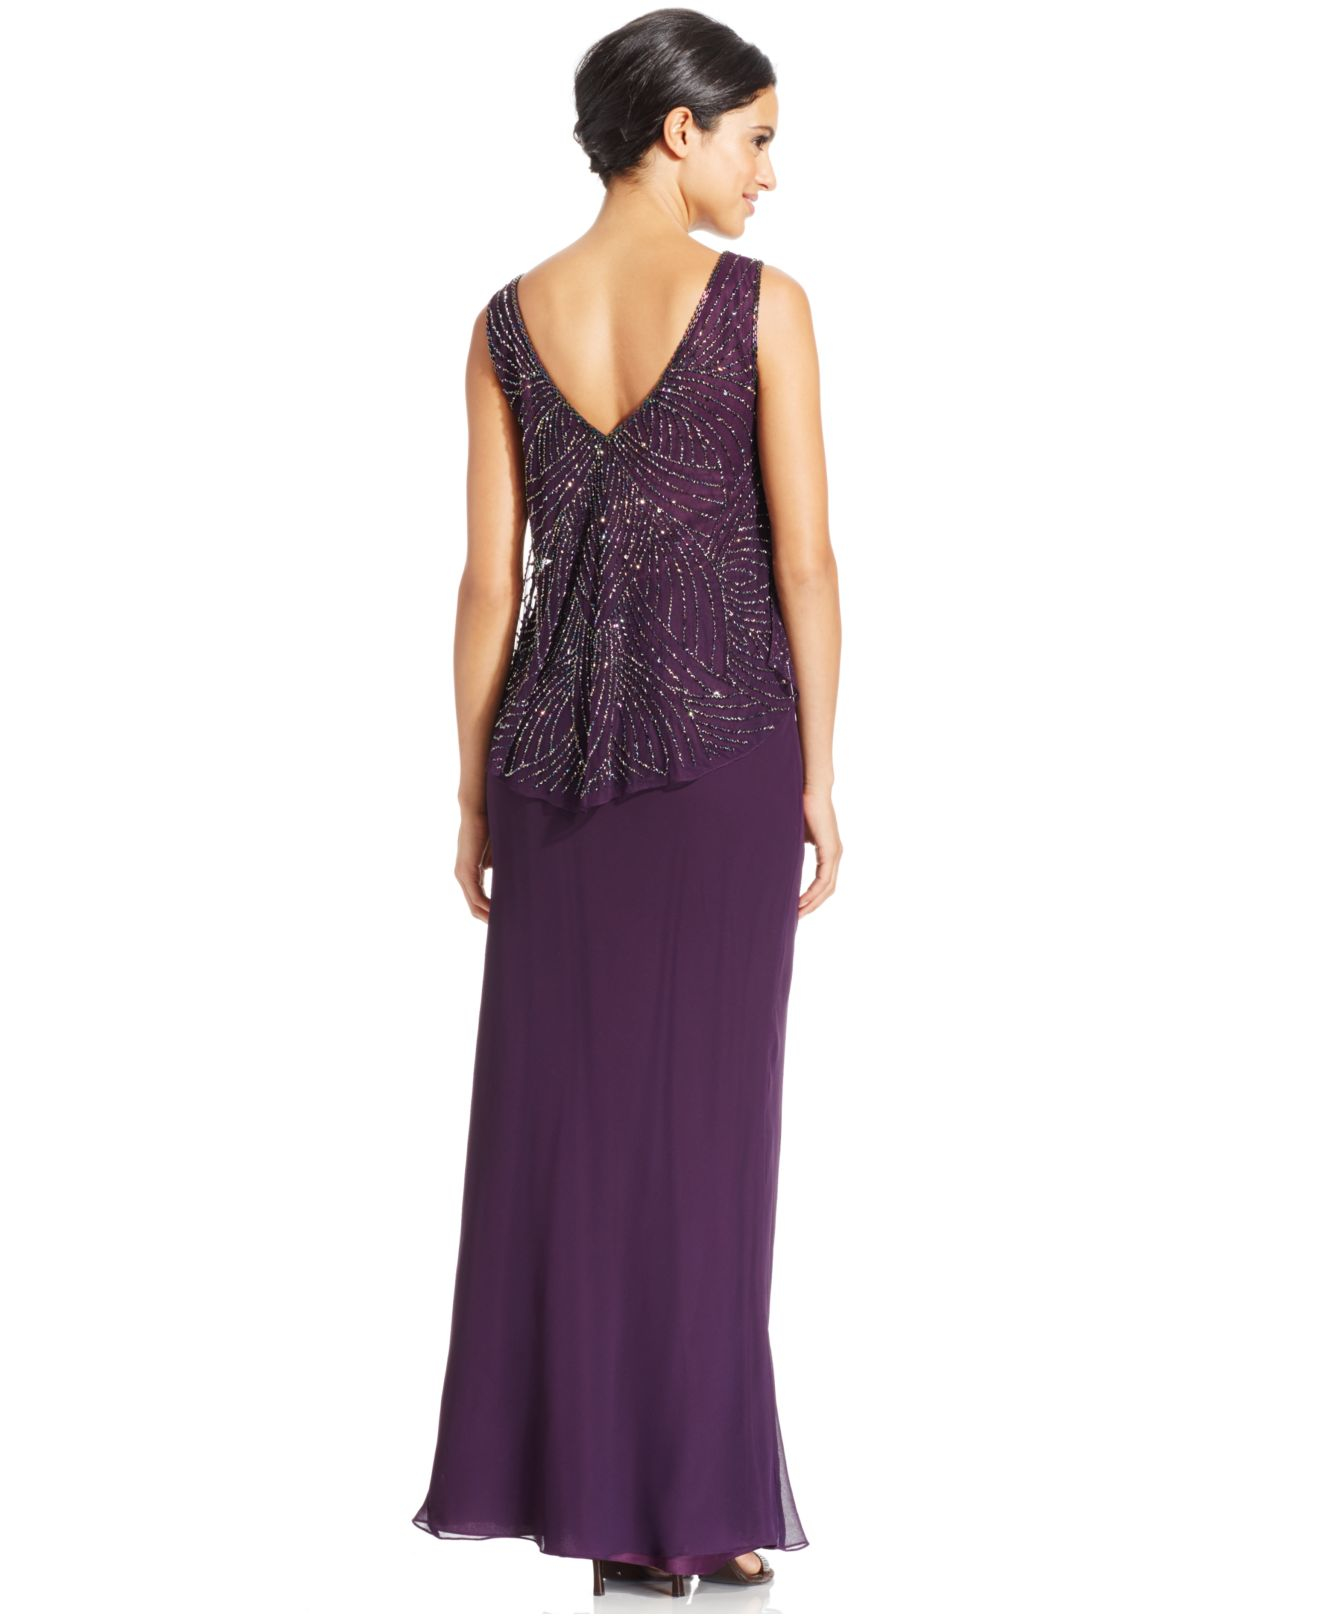 J Kara Sequin Dresses